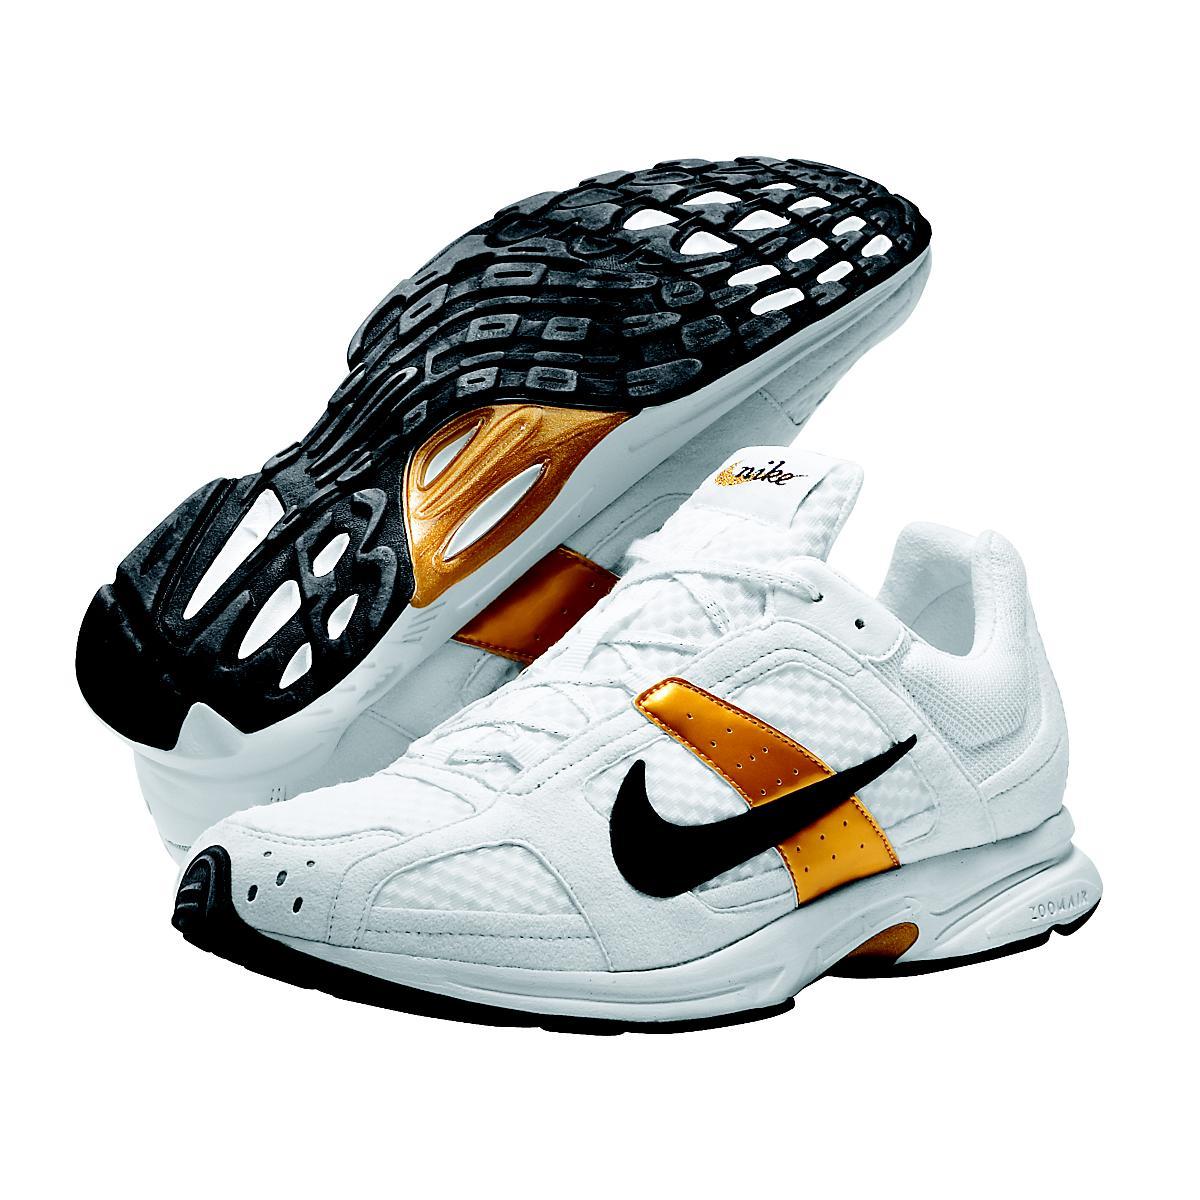 negativo Banzai En el piso  Mens Nike Zoom Marathoner Racing Shoe at Road Runner Sports